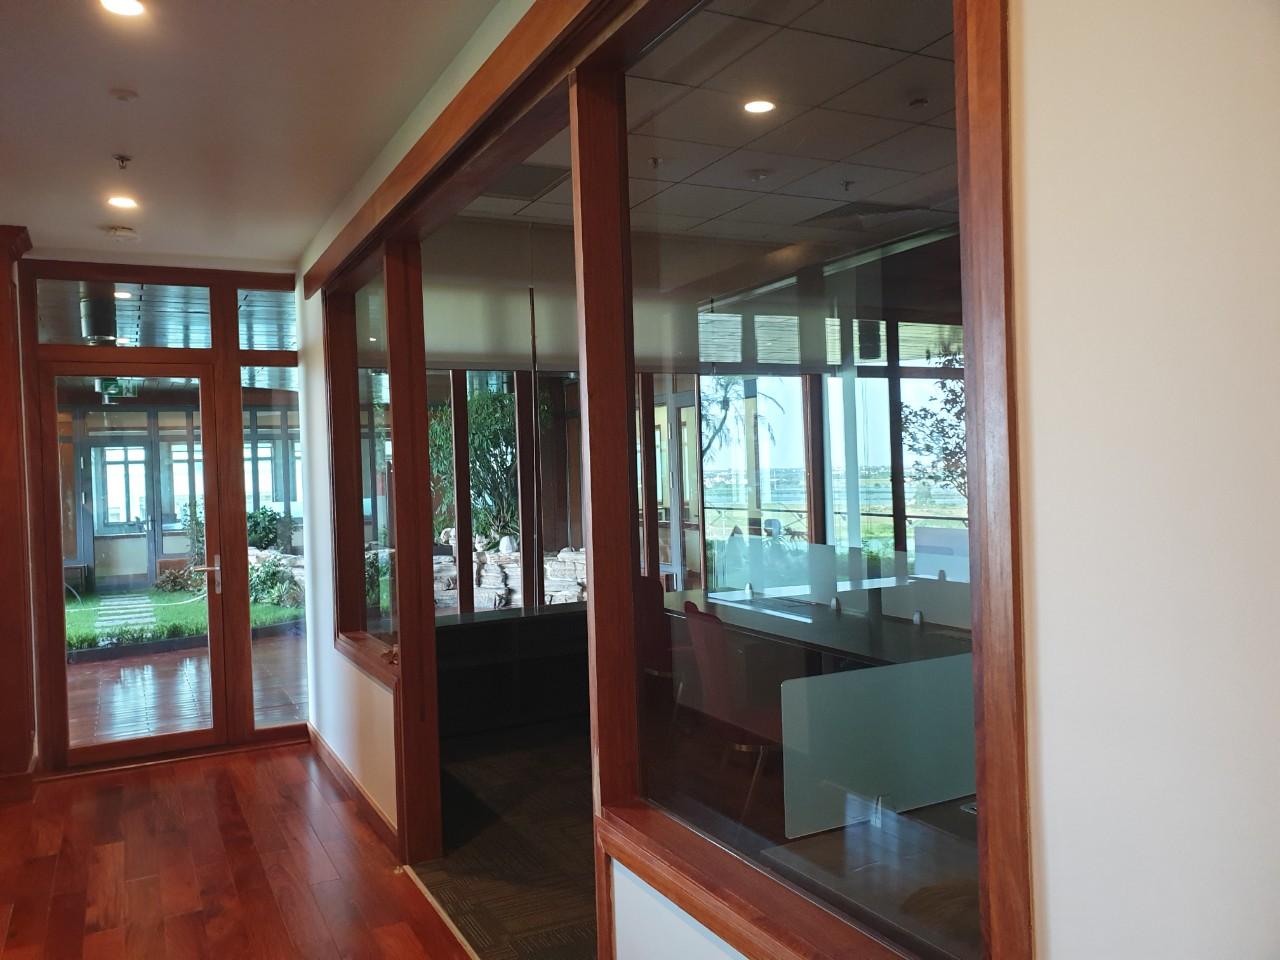 Hoàn thiện văn phòng theo phong cách đặc thù của công ty sản xuất gỗ